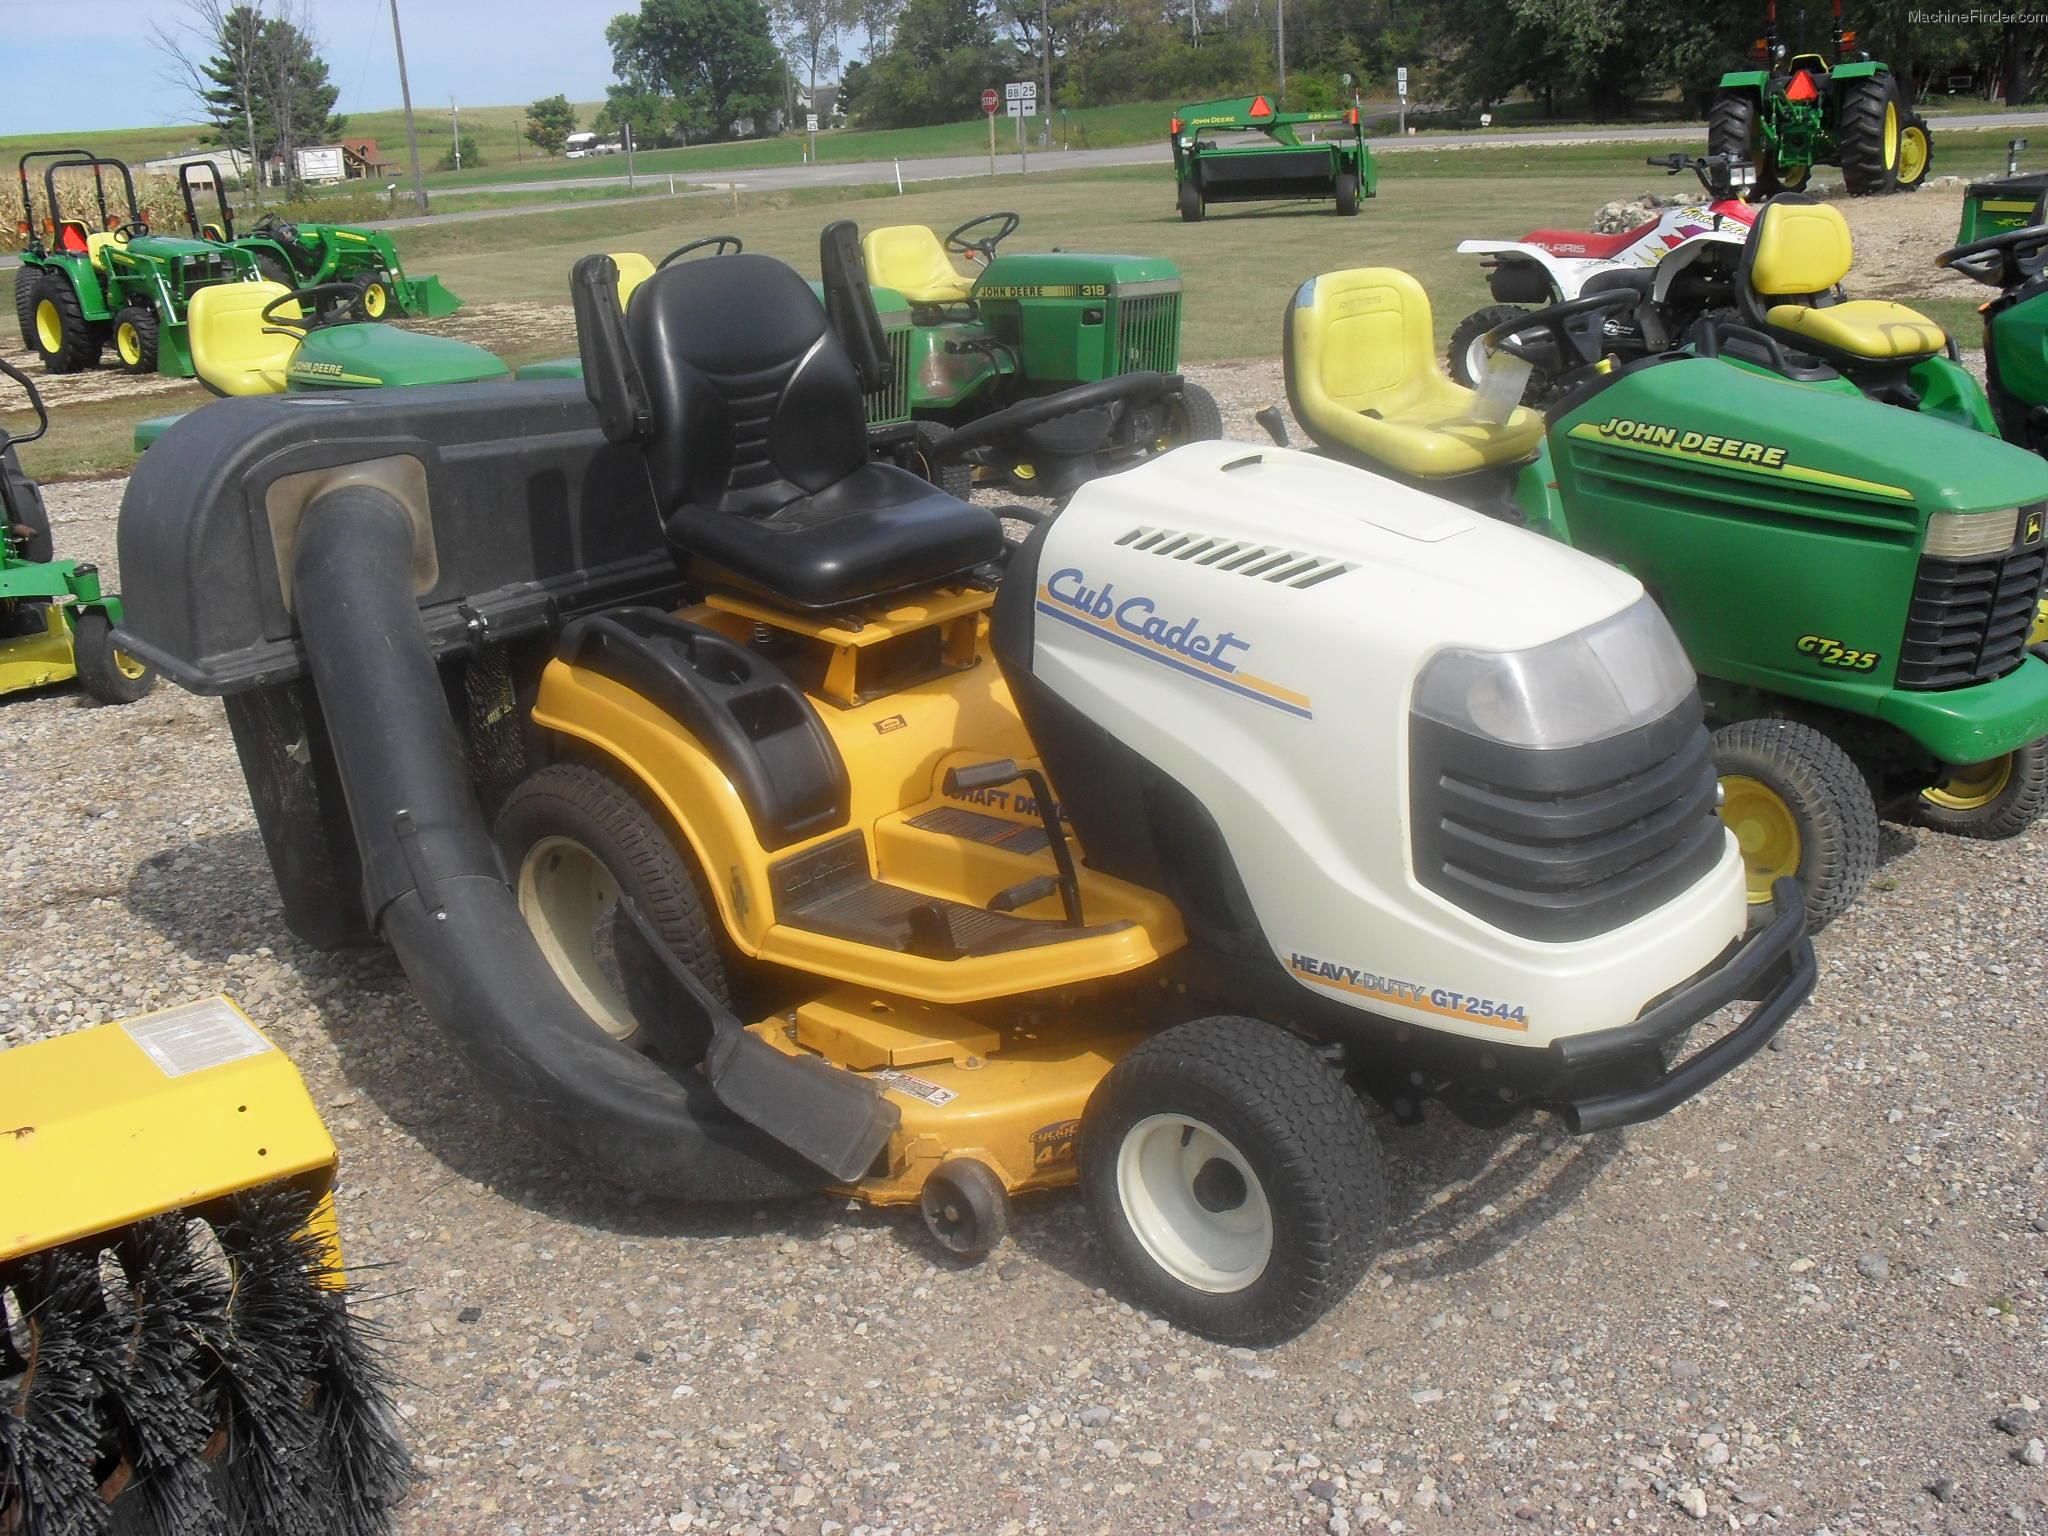 Cub Cadet Lawn Tractors 2010 : Cub cadet gt lawn garden and commercial mowing